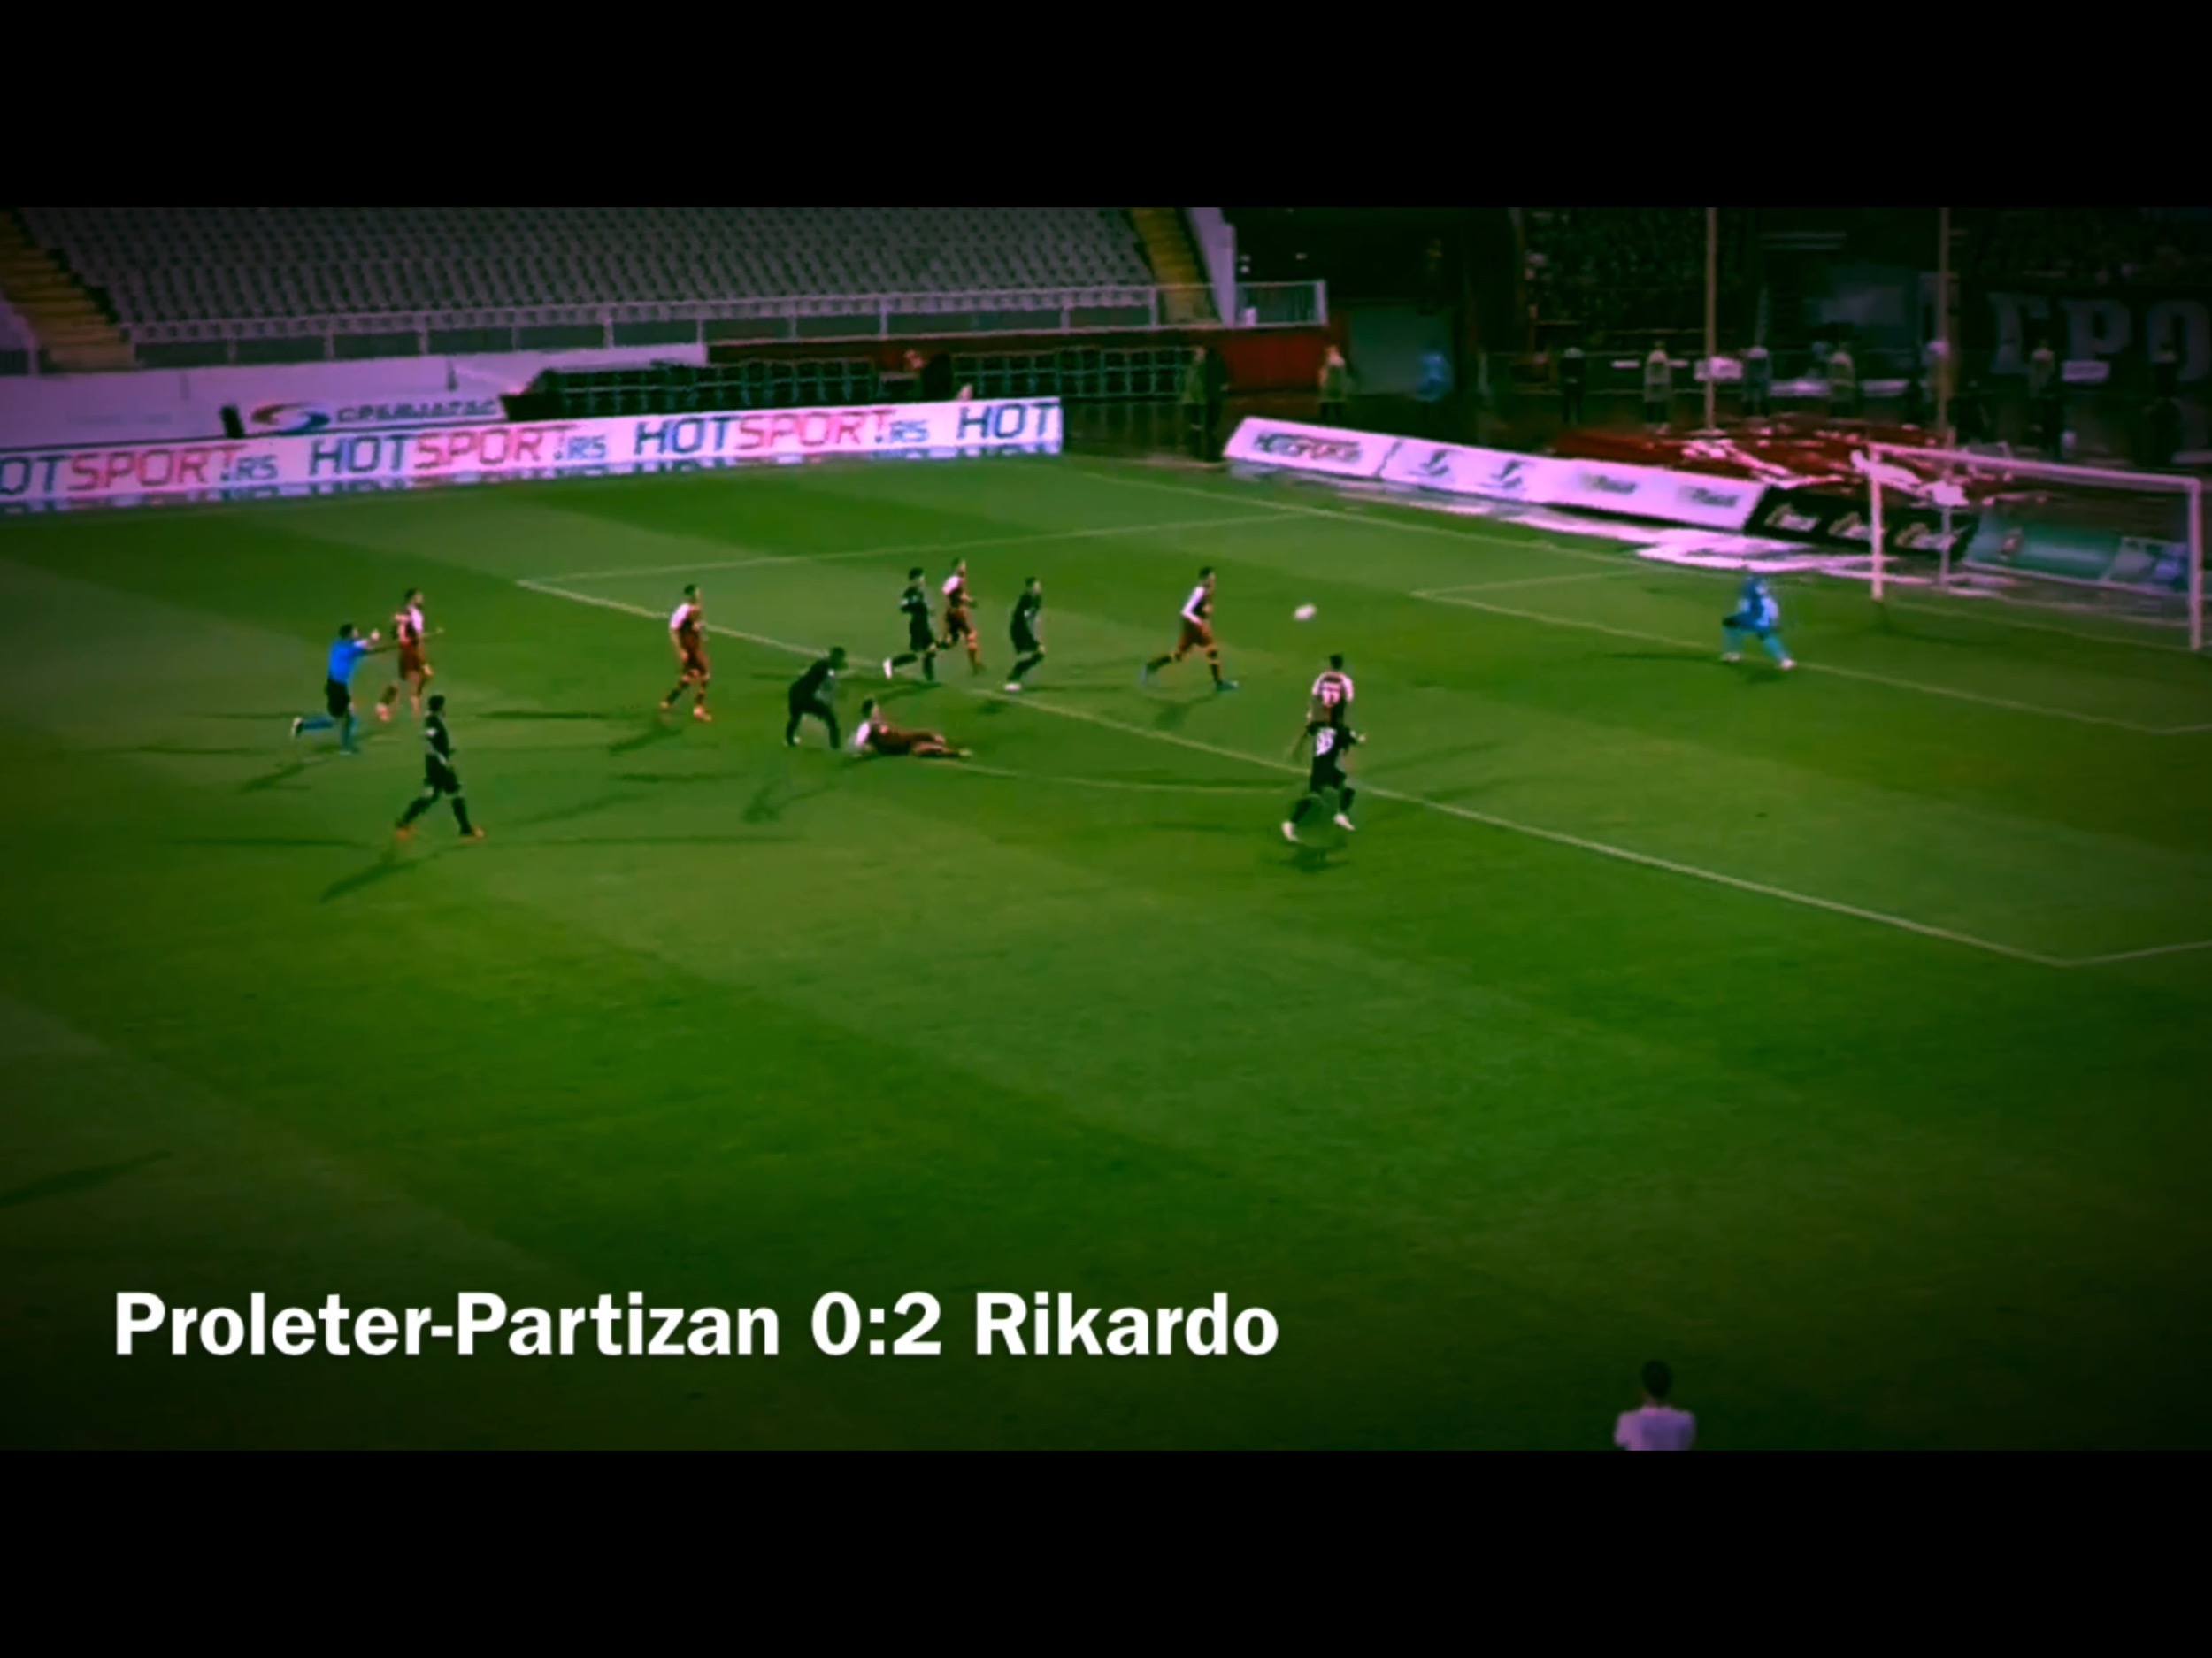 TV Izveštaj: Proleter-Partizan 0:4. Pobeda Partizana za pola sata i Rikardo kao ajkula u akvarijumu sa zlatnim ribicama (VIDEO)